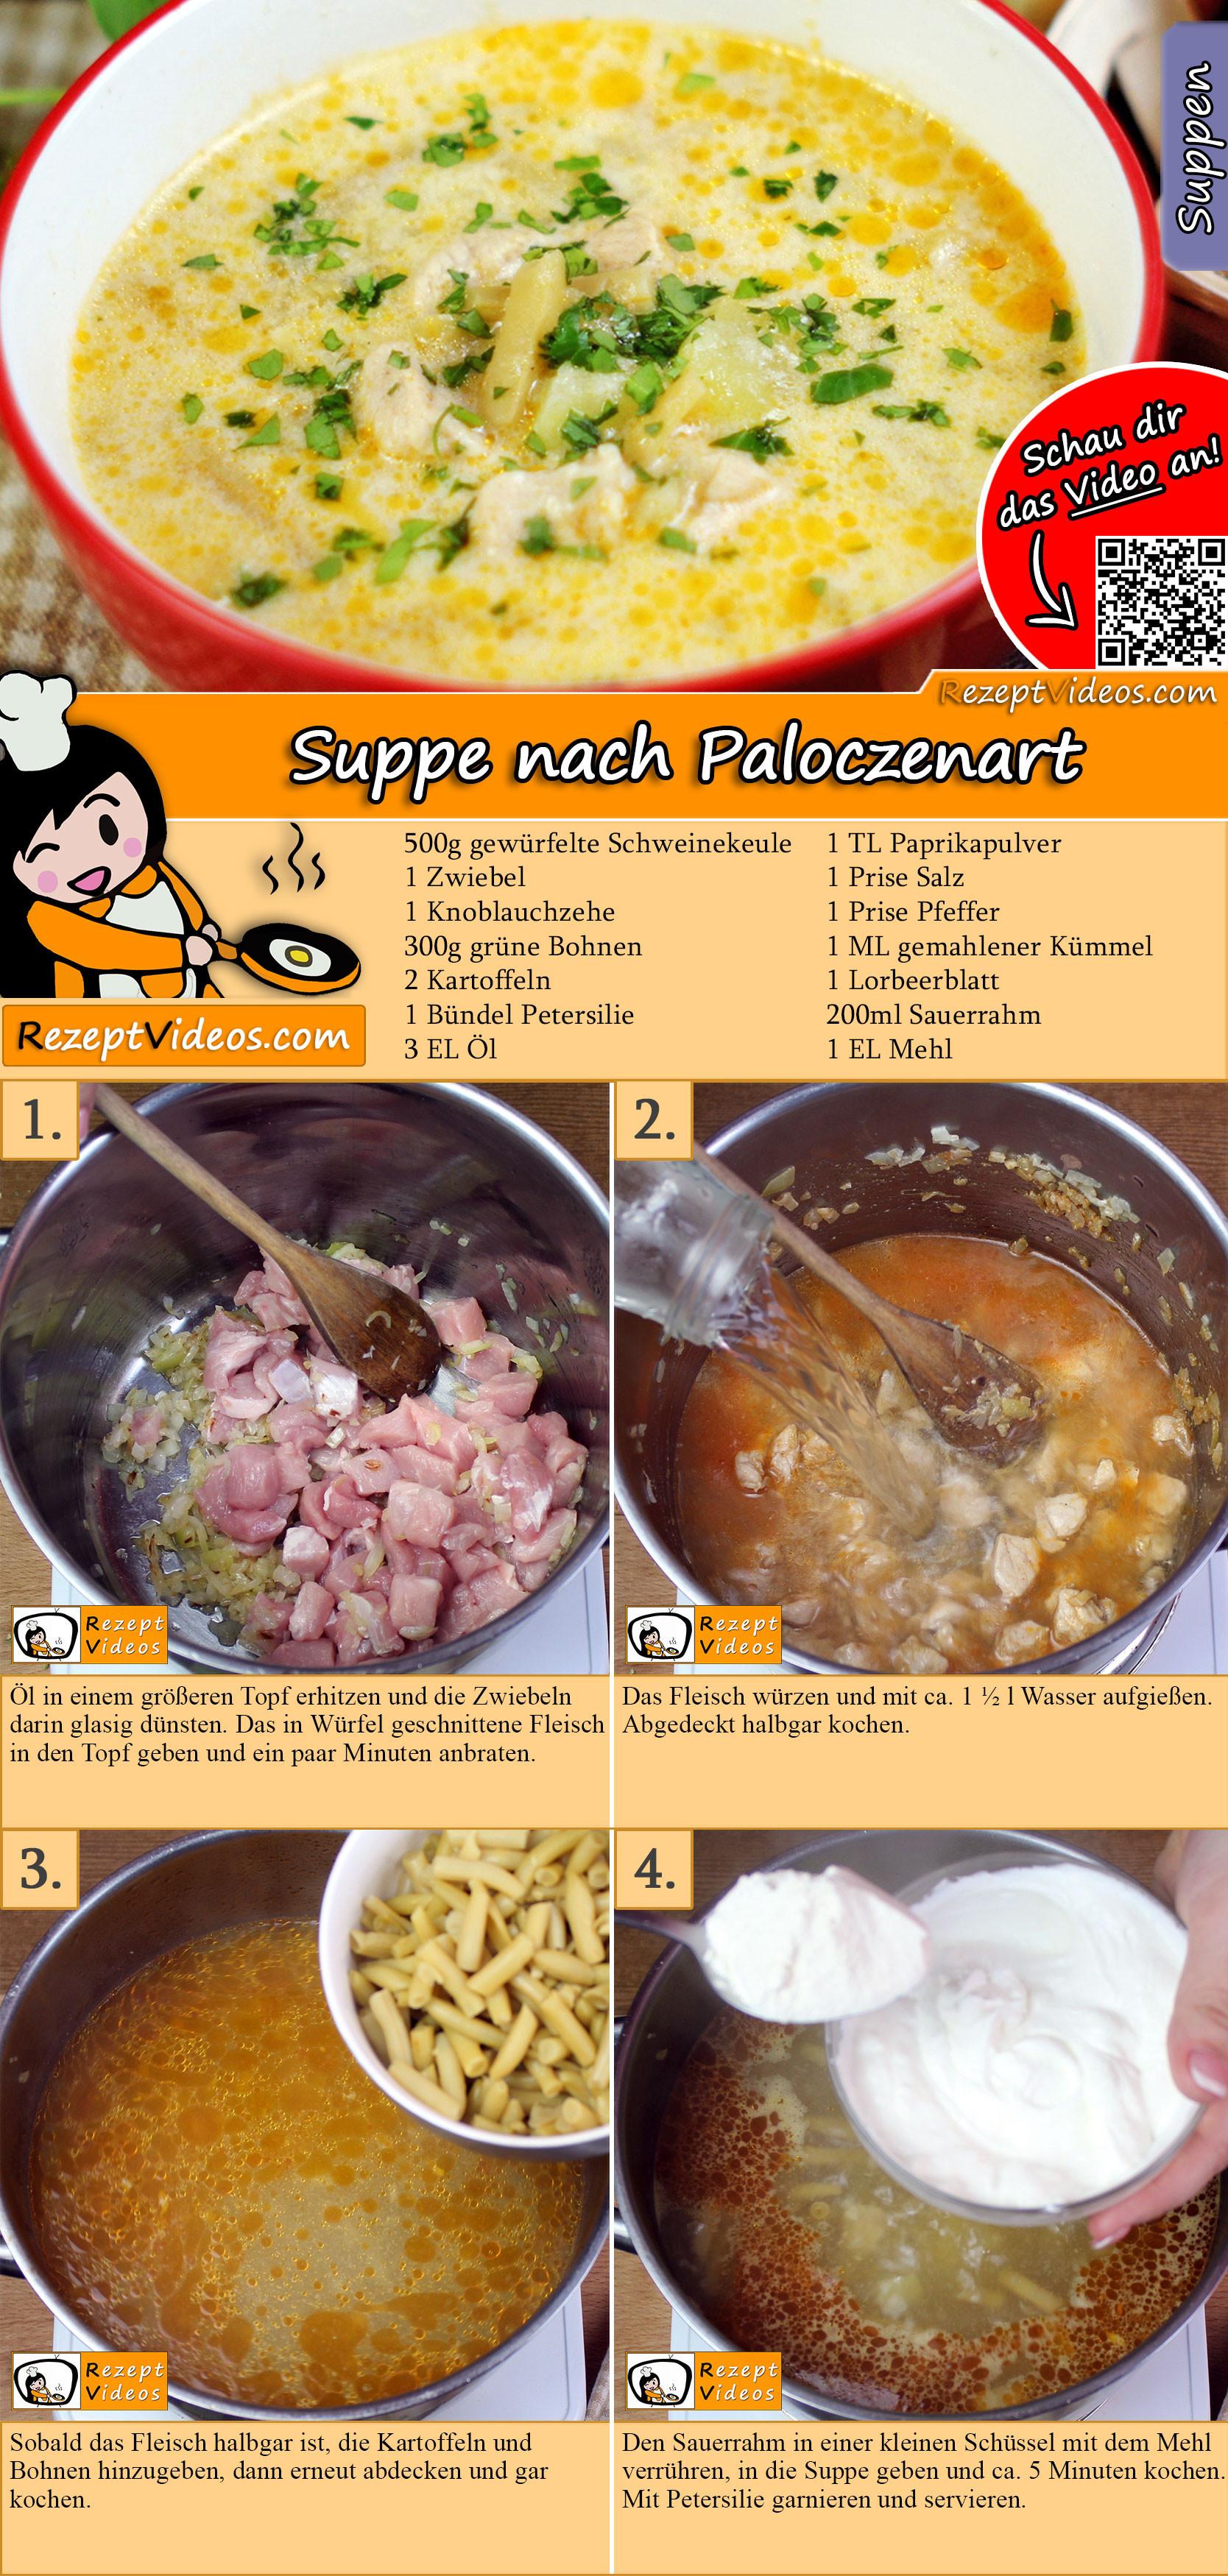 Suppe nach Paloczenart Rezept mit Video